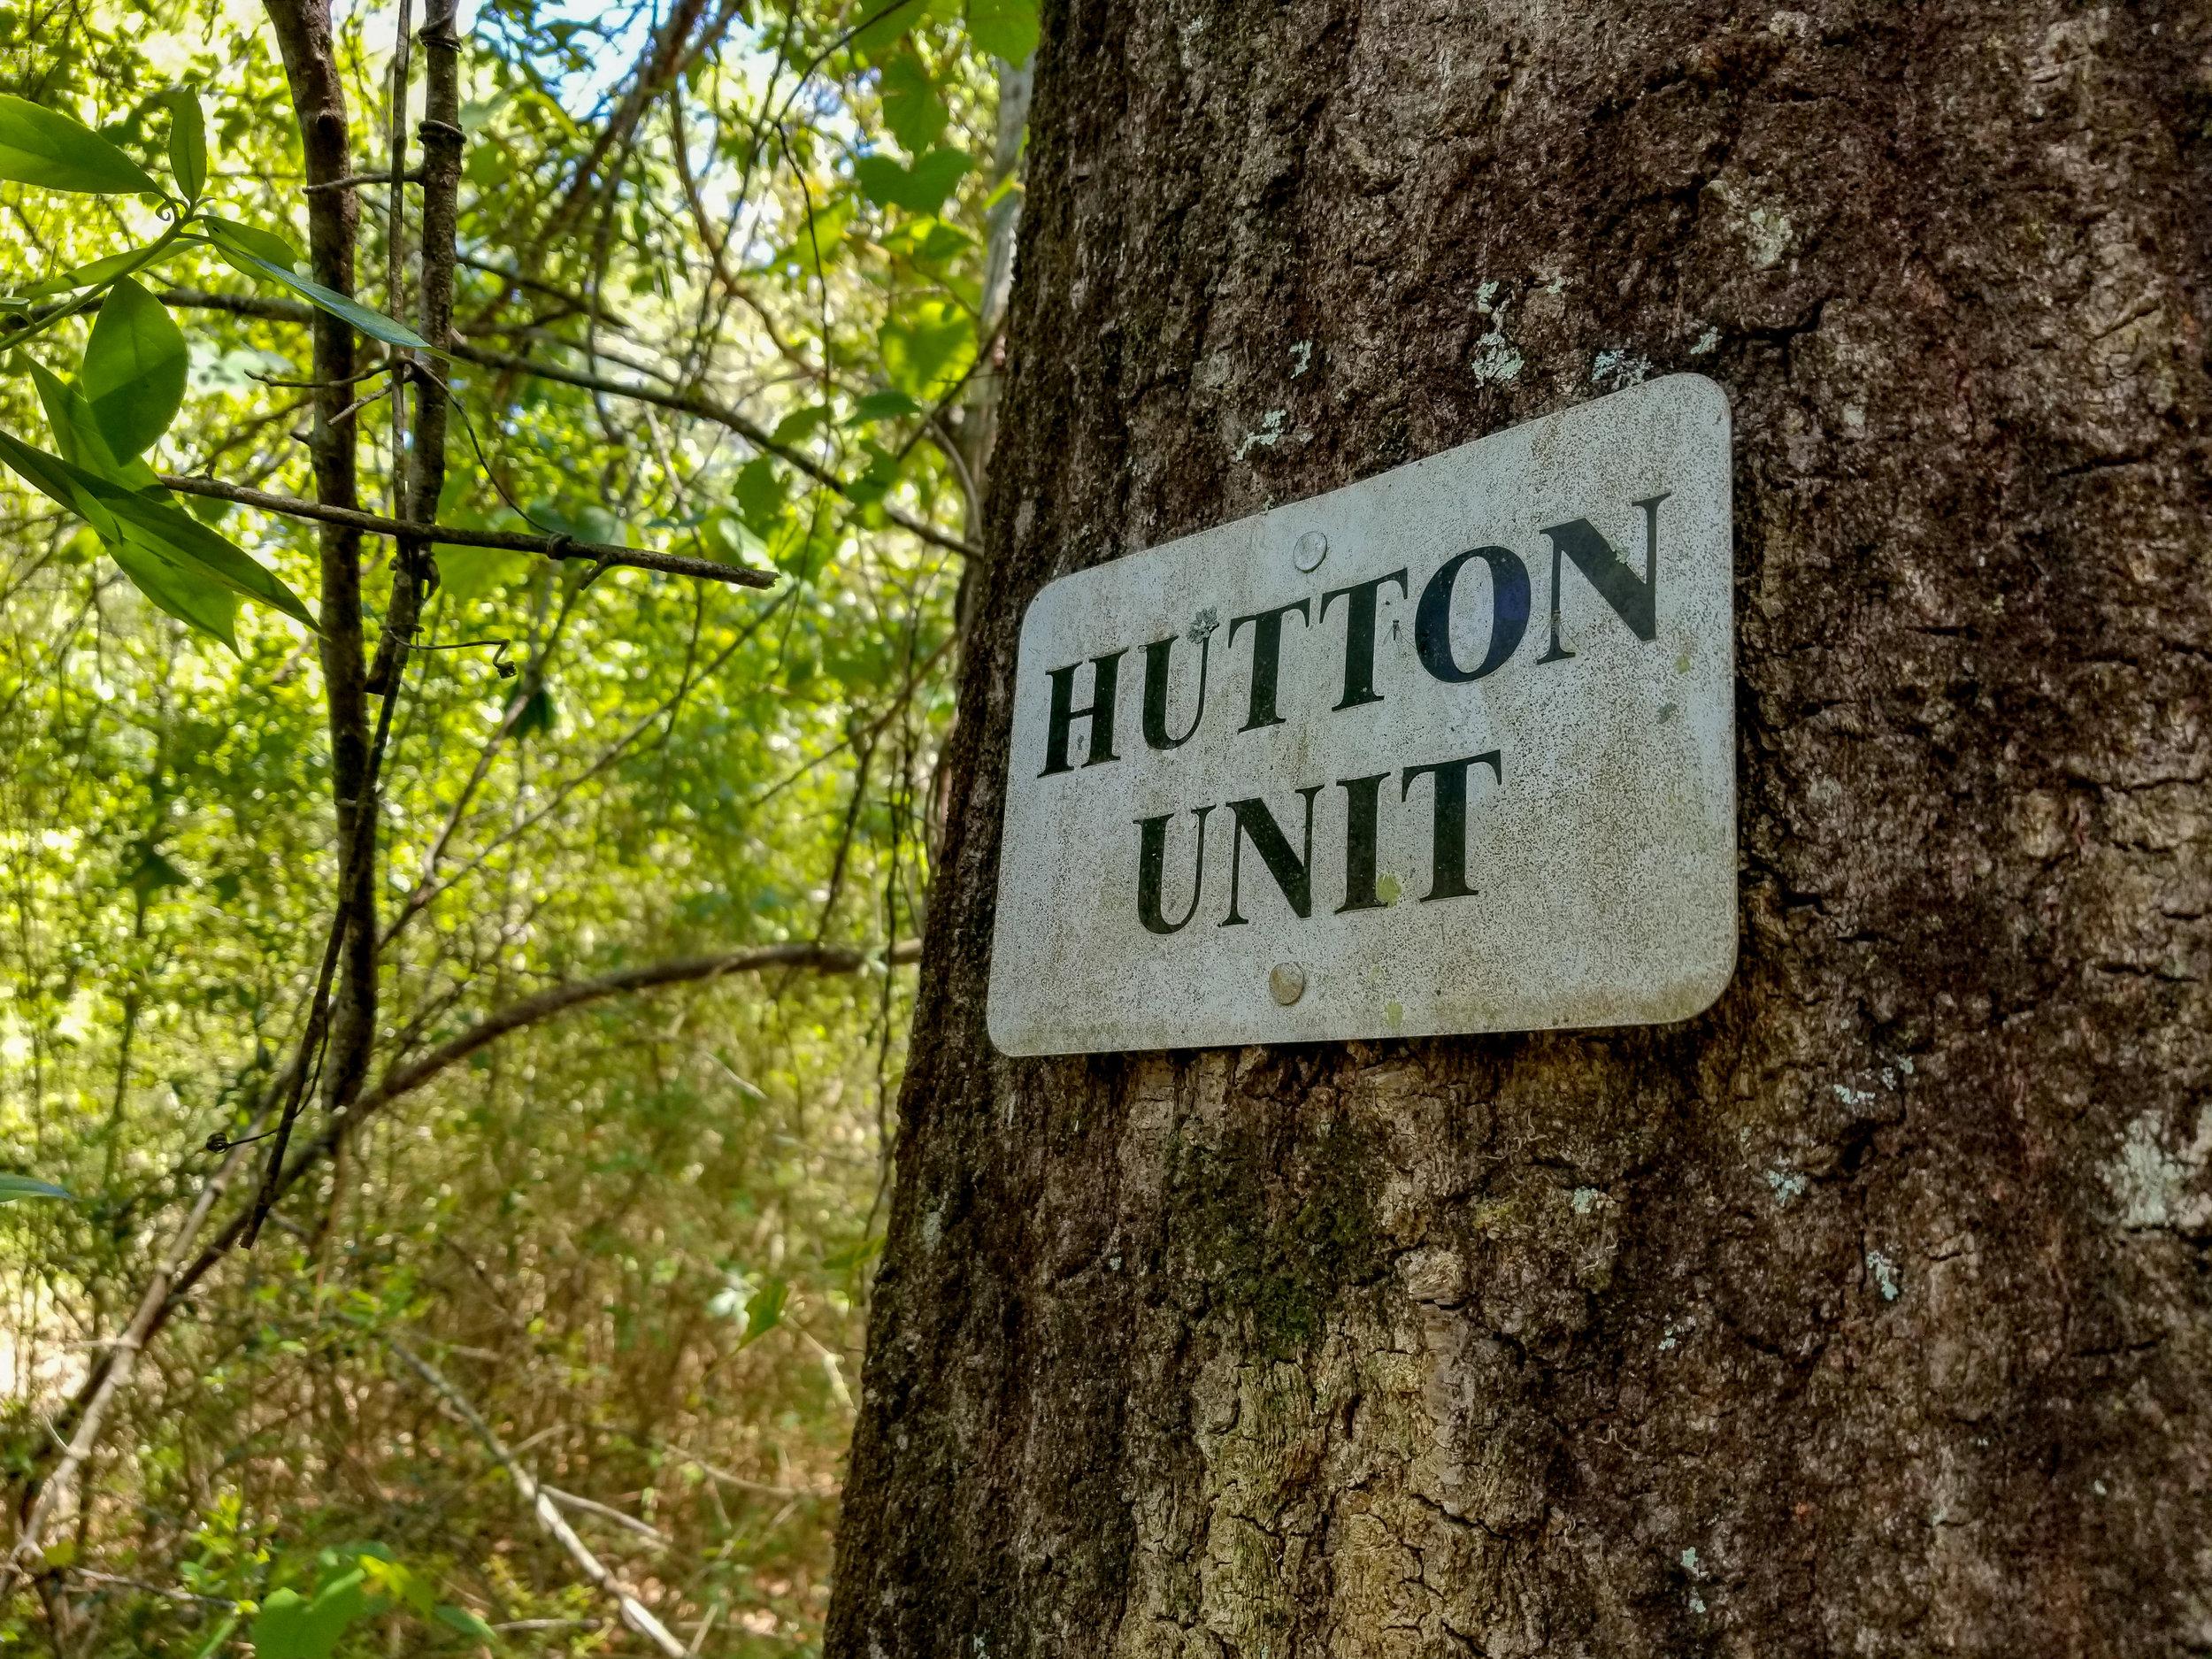 Hutton Unit Sign